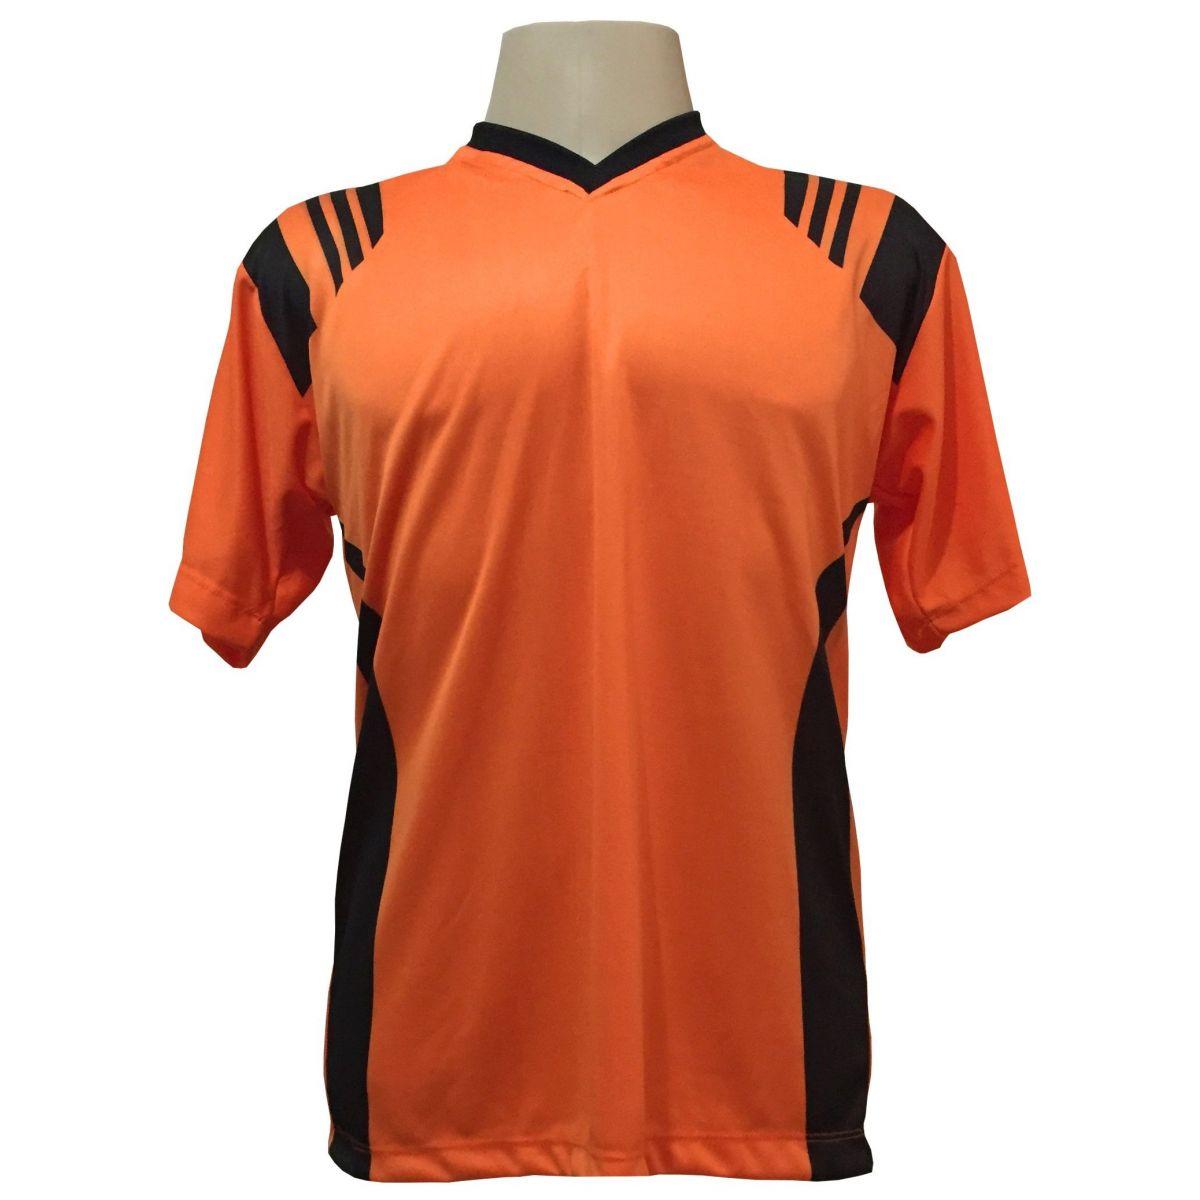 Uniforme Esportivo com 20 camisas modelo Roma Laranja/Preto + 20 calções modelo Madrid + 1 Goleiro + Brindes